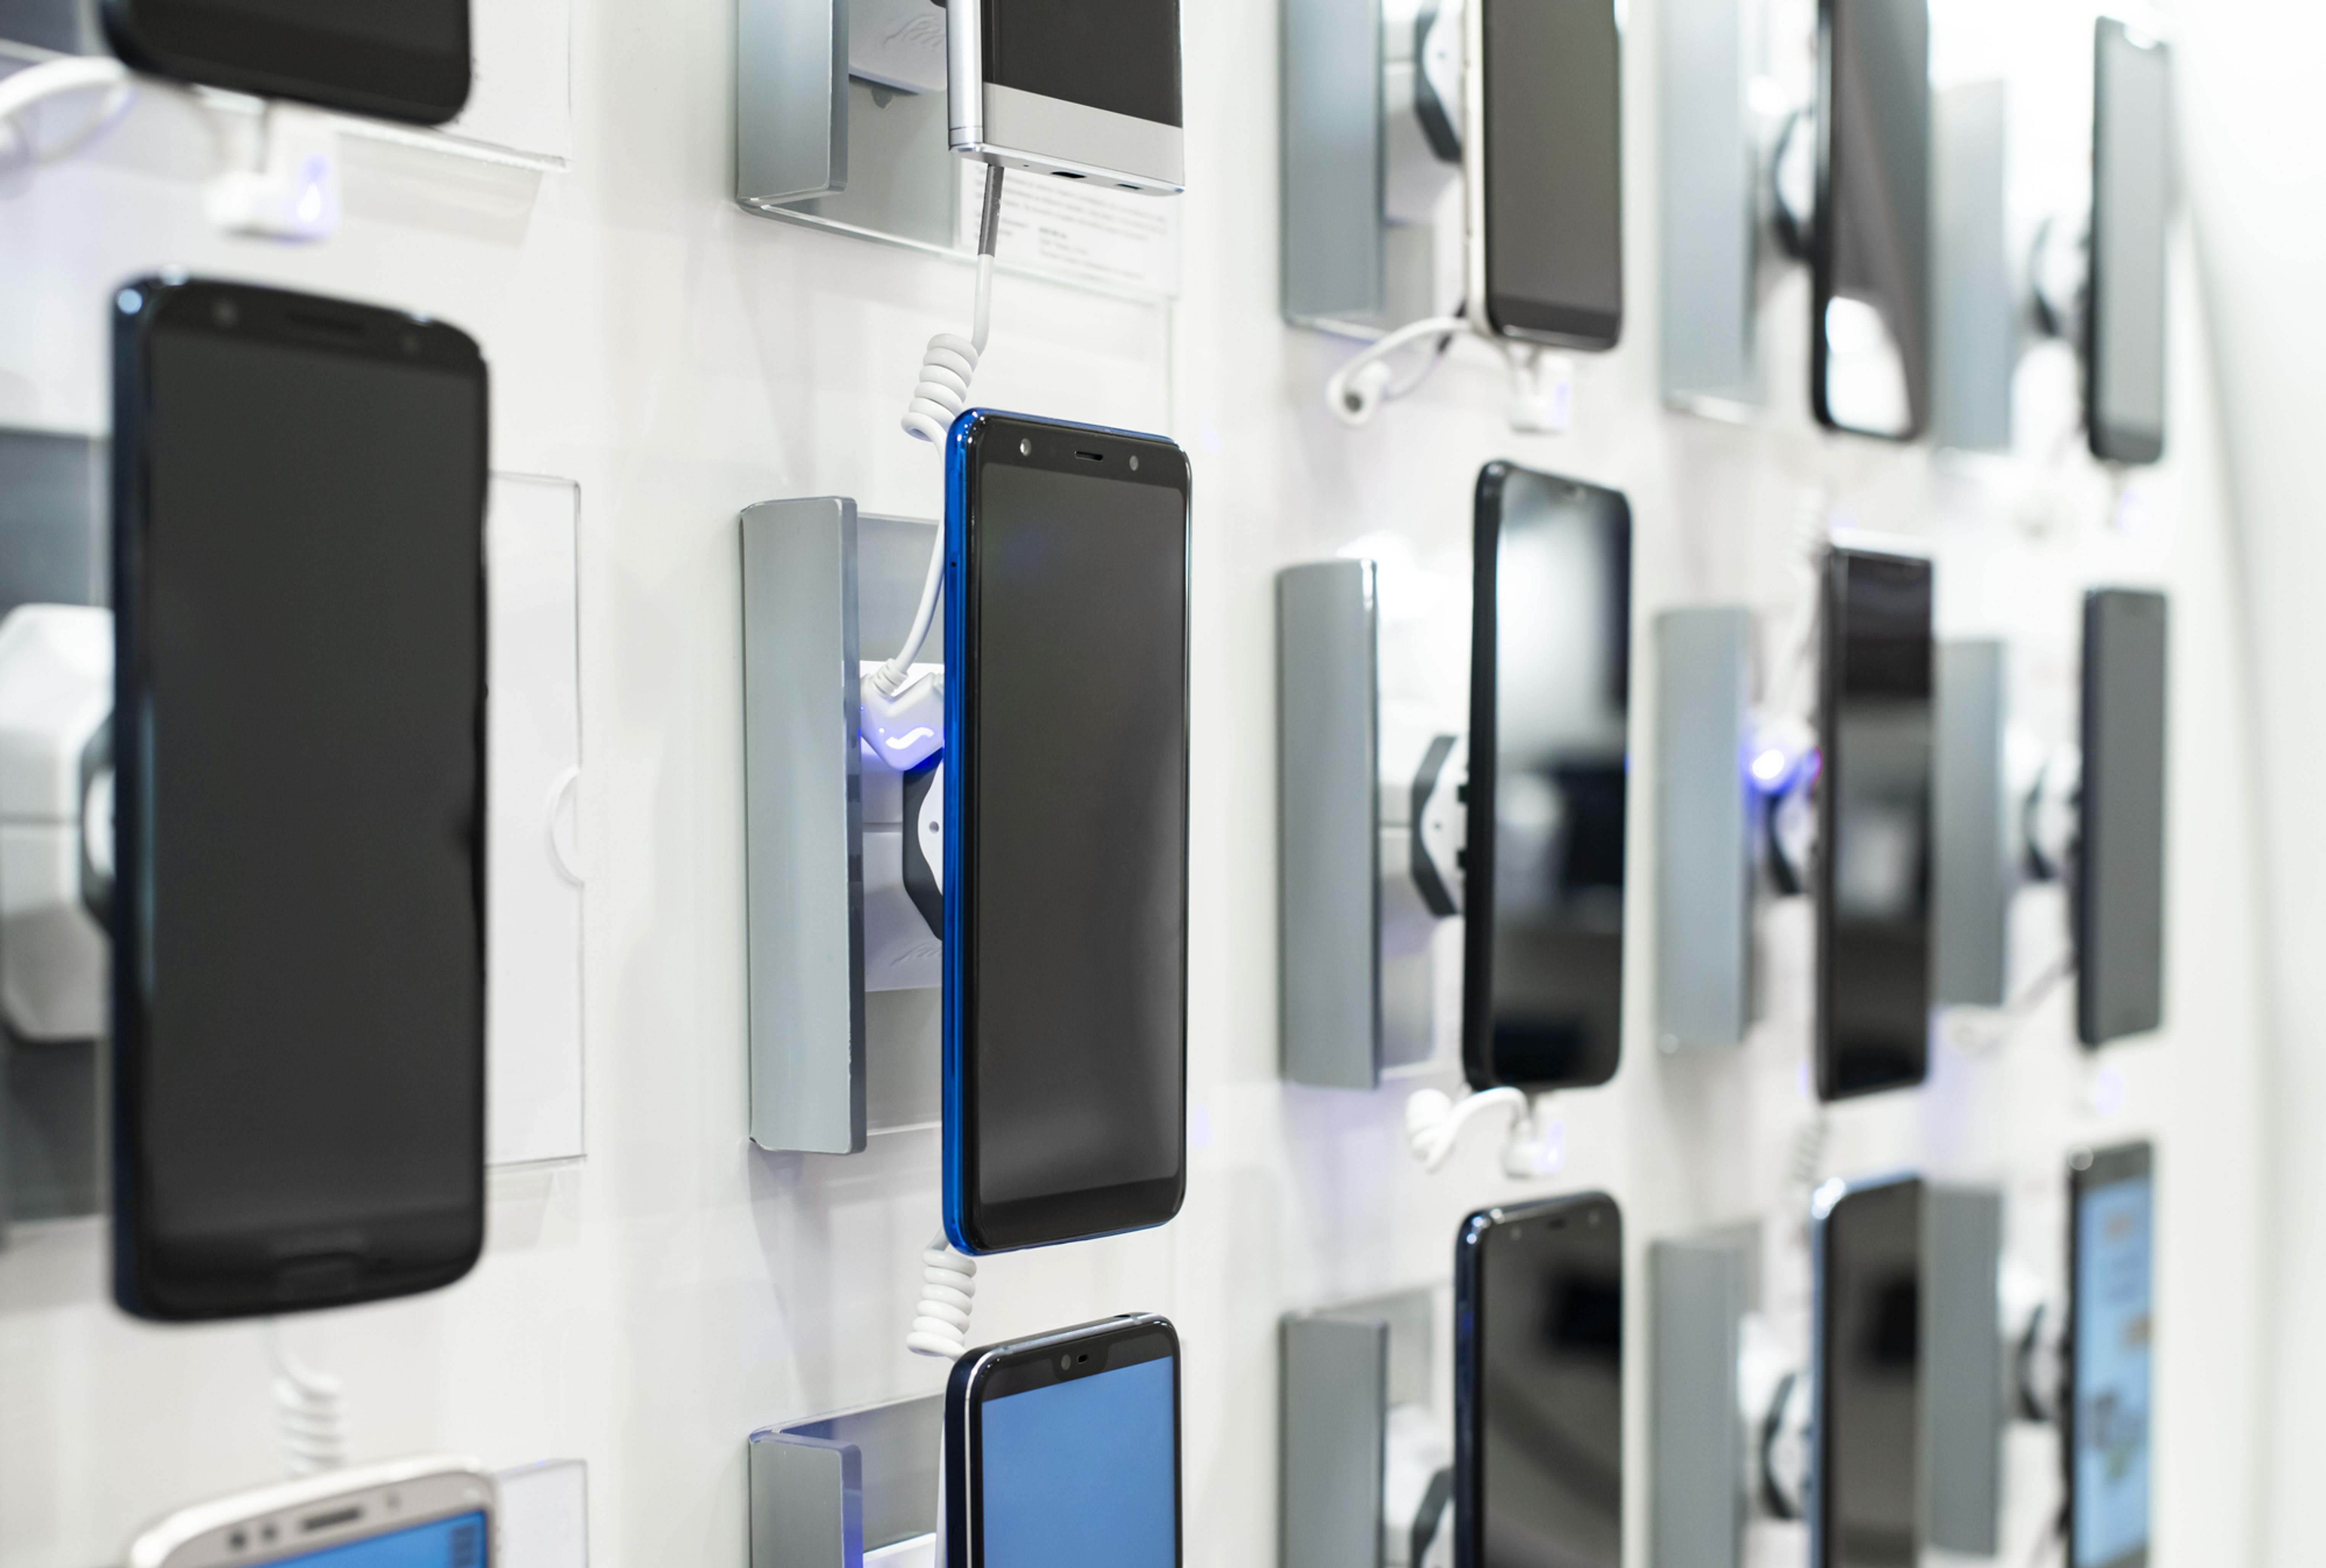 LG, Motorola, Huawei, OnePlus, Alcatel, Google & More